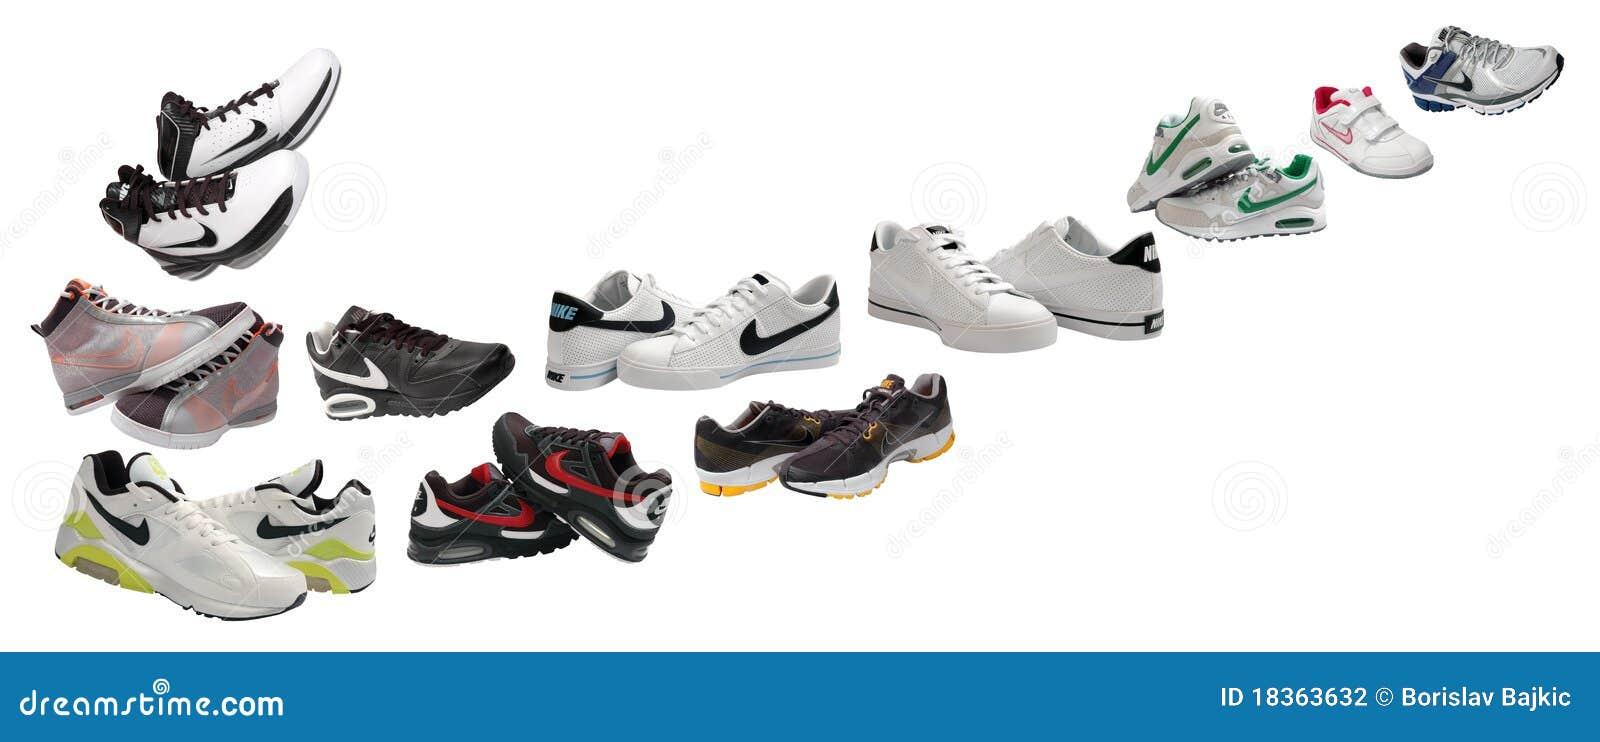 Chaussures de sport nike photographie é Image du éditorial